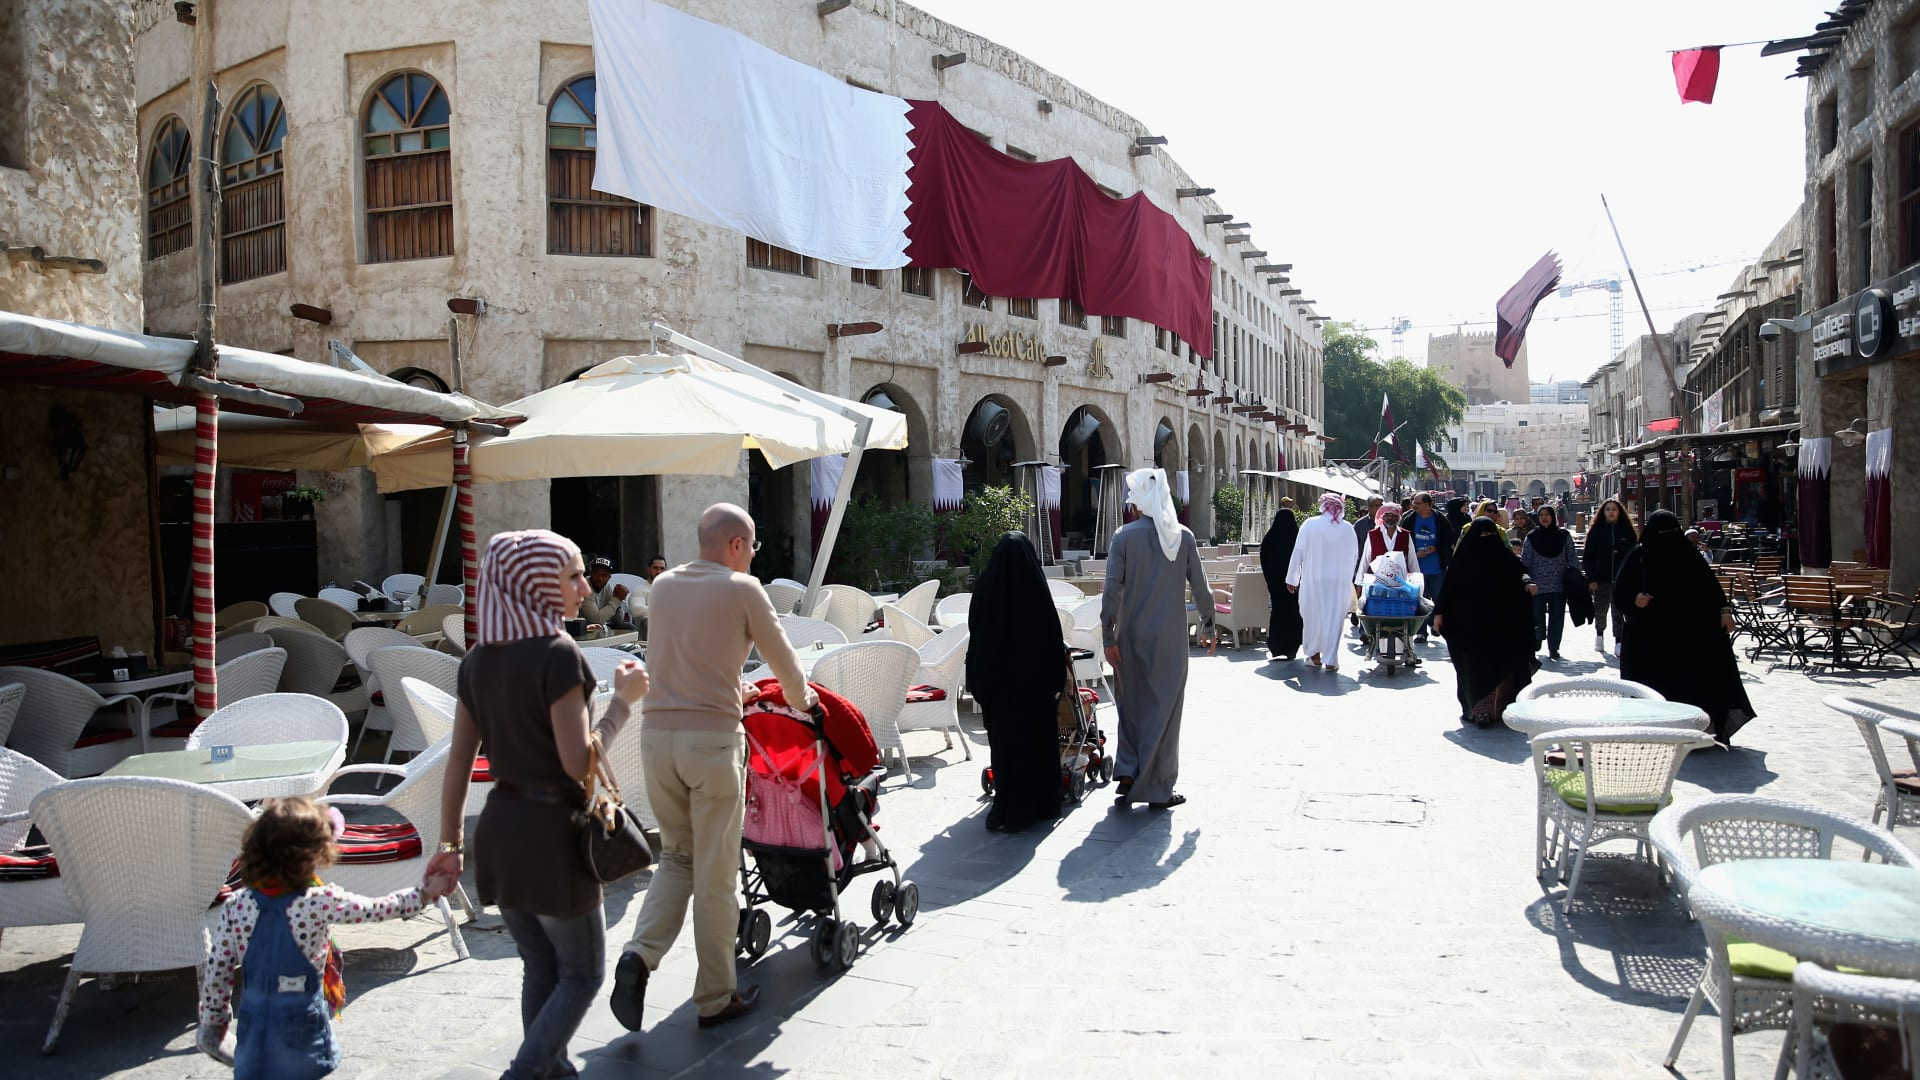 صورة ارشيفية من سوق في قطر